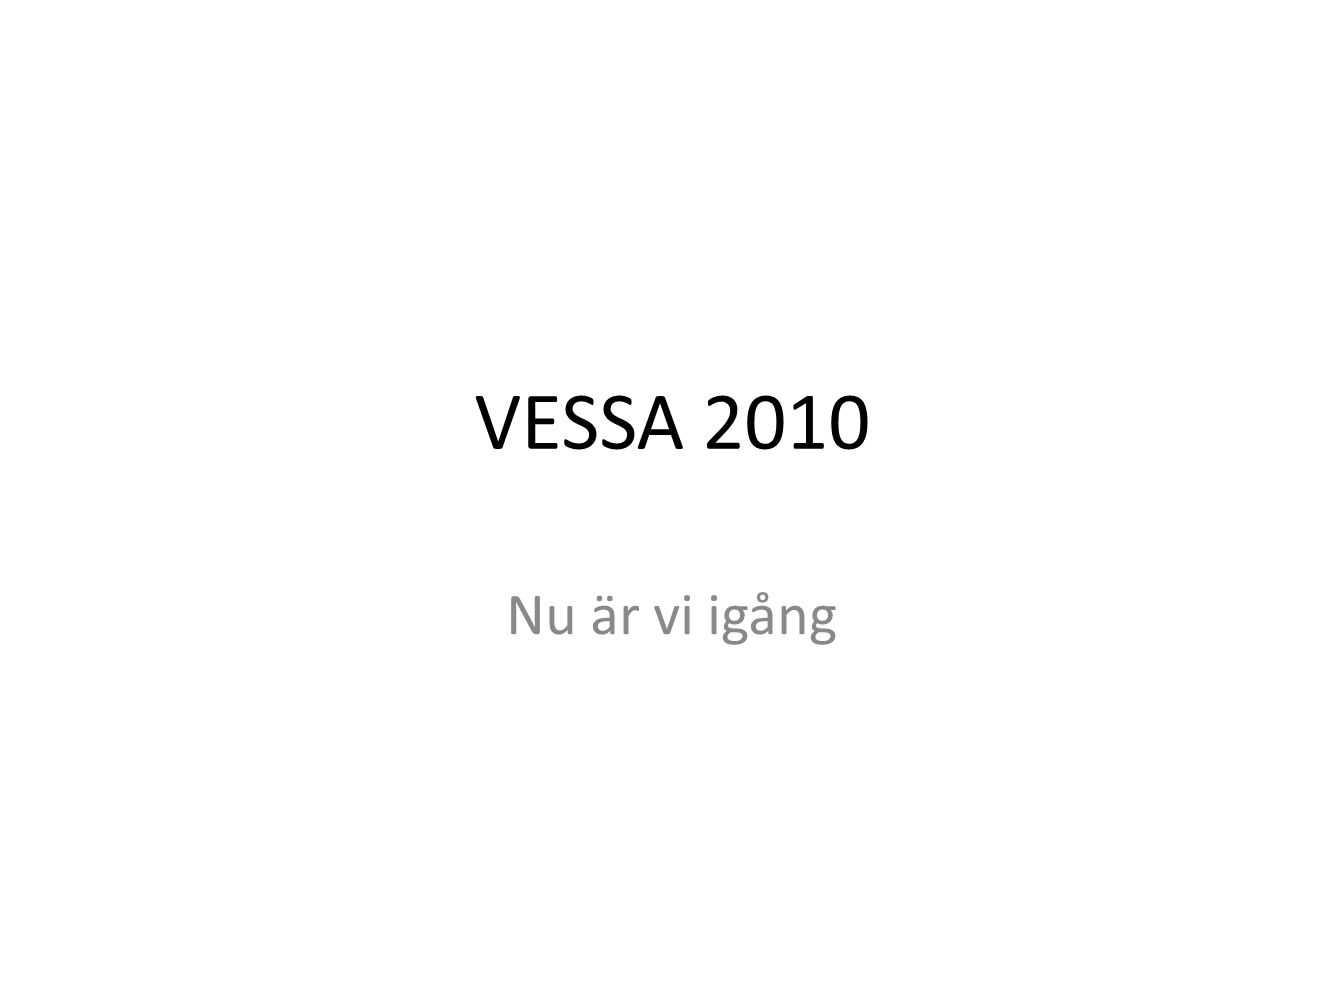 VESSA 2010 Nu är vi igång